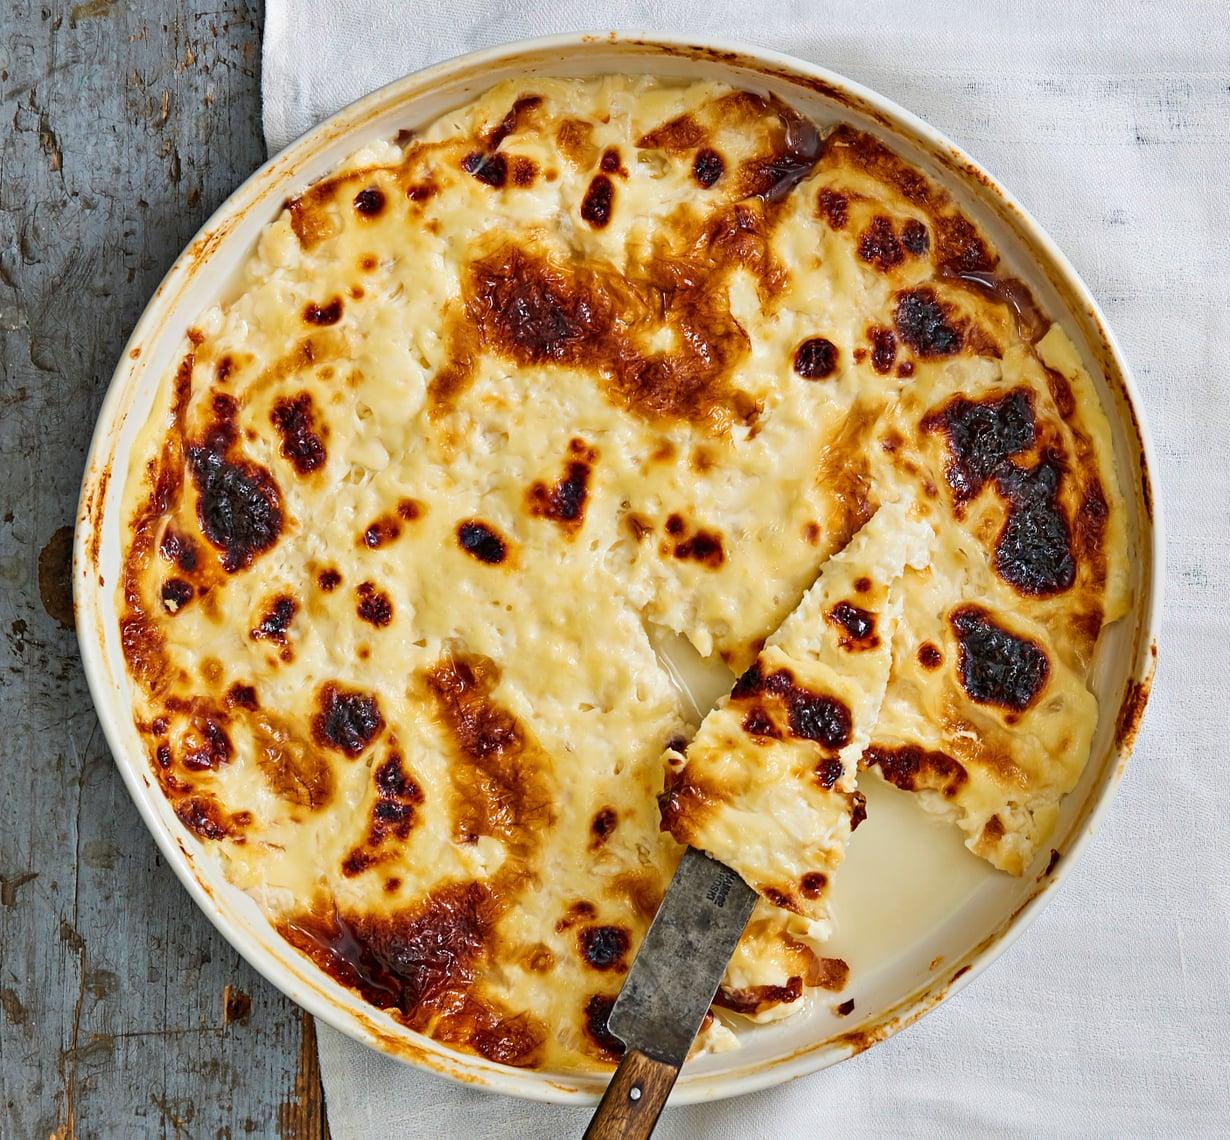 Lelli itseäsi kuuluisalla Lapin-herkulla, leipäjuustolla.